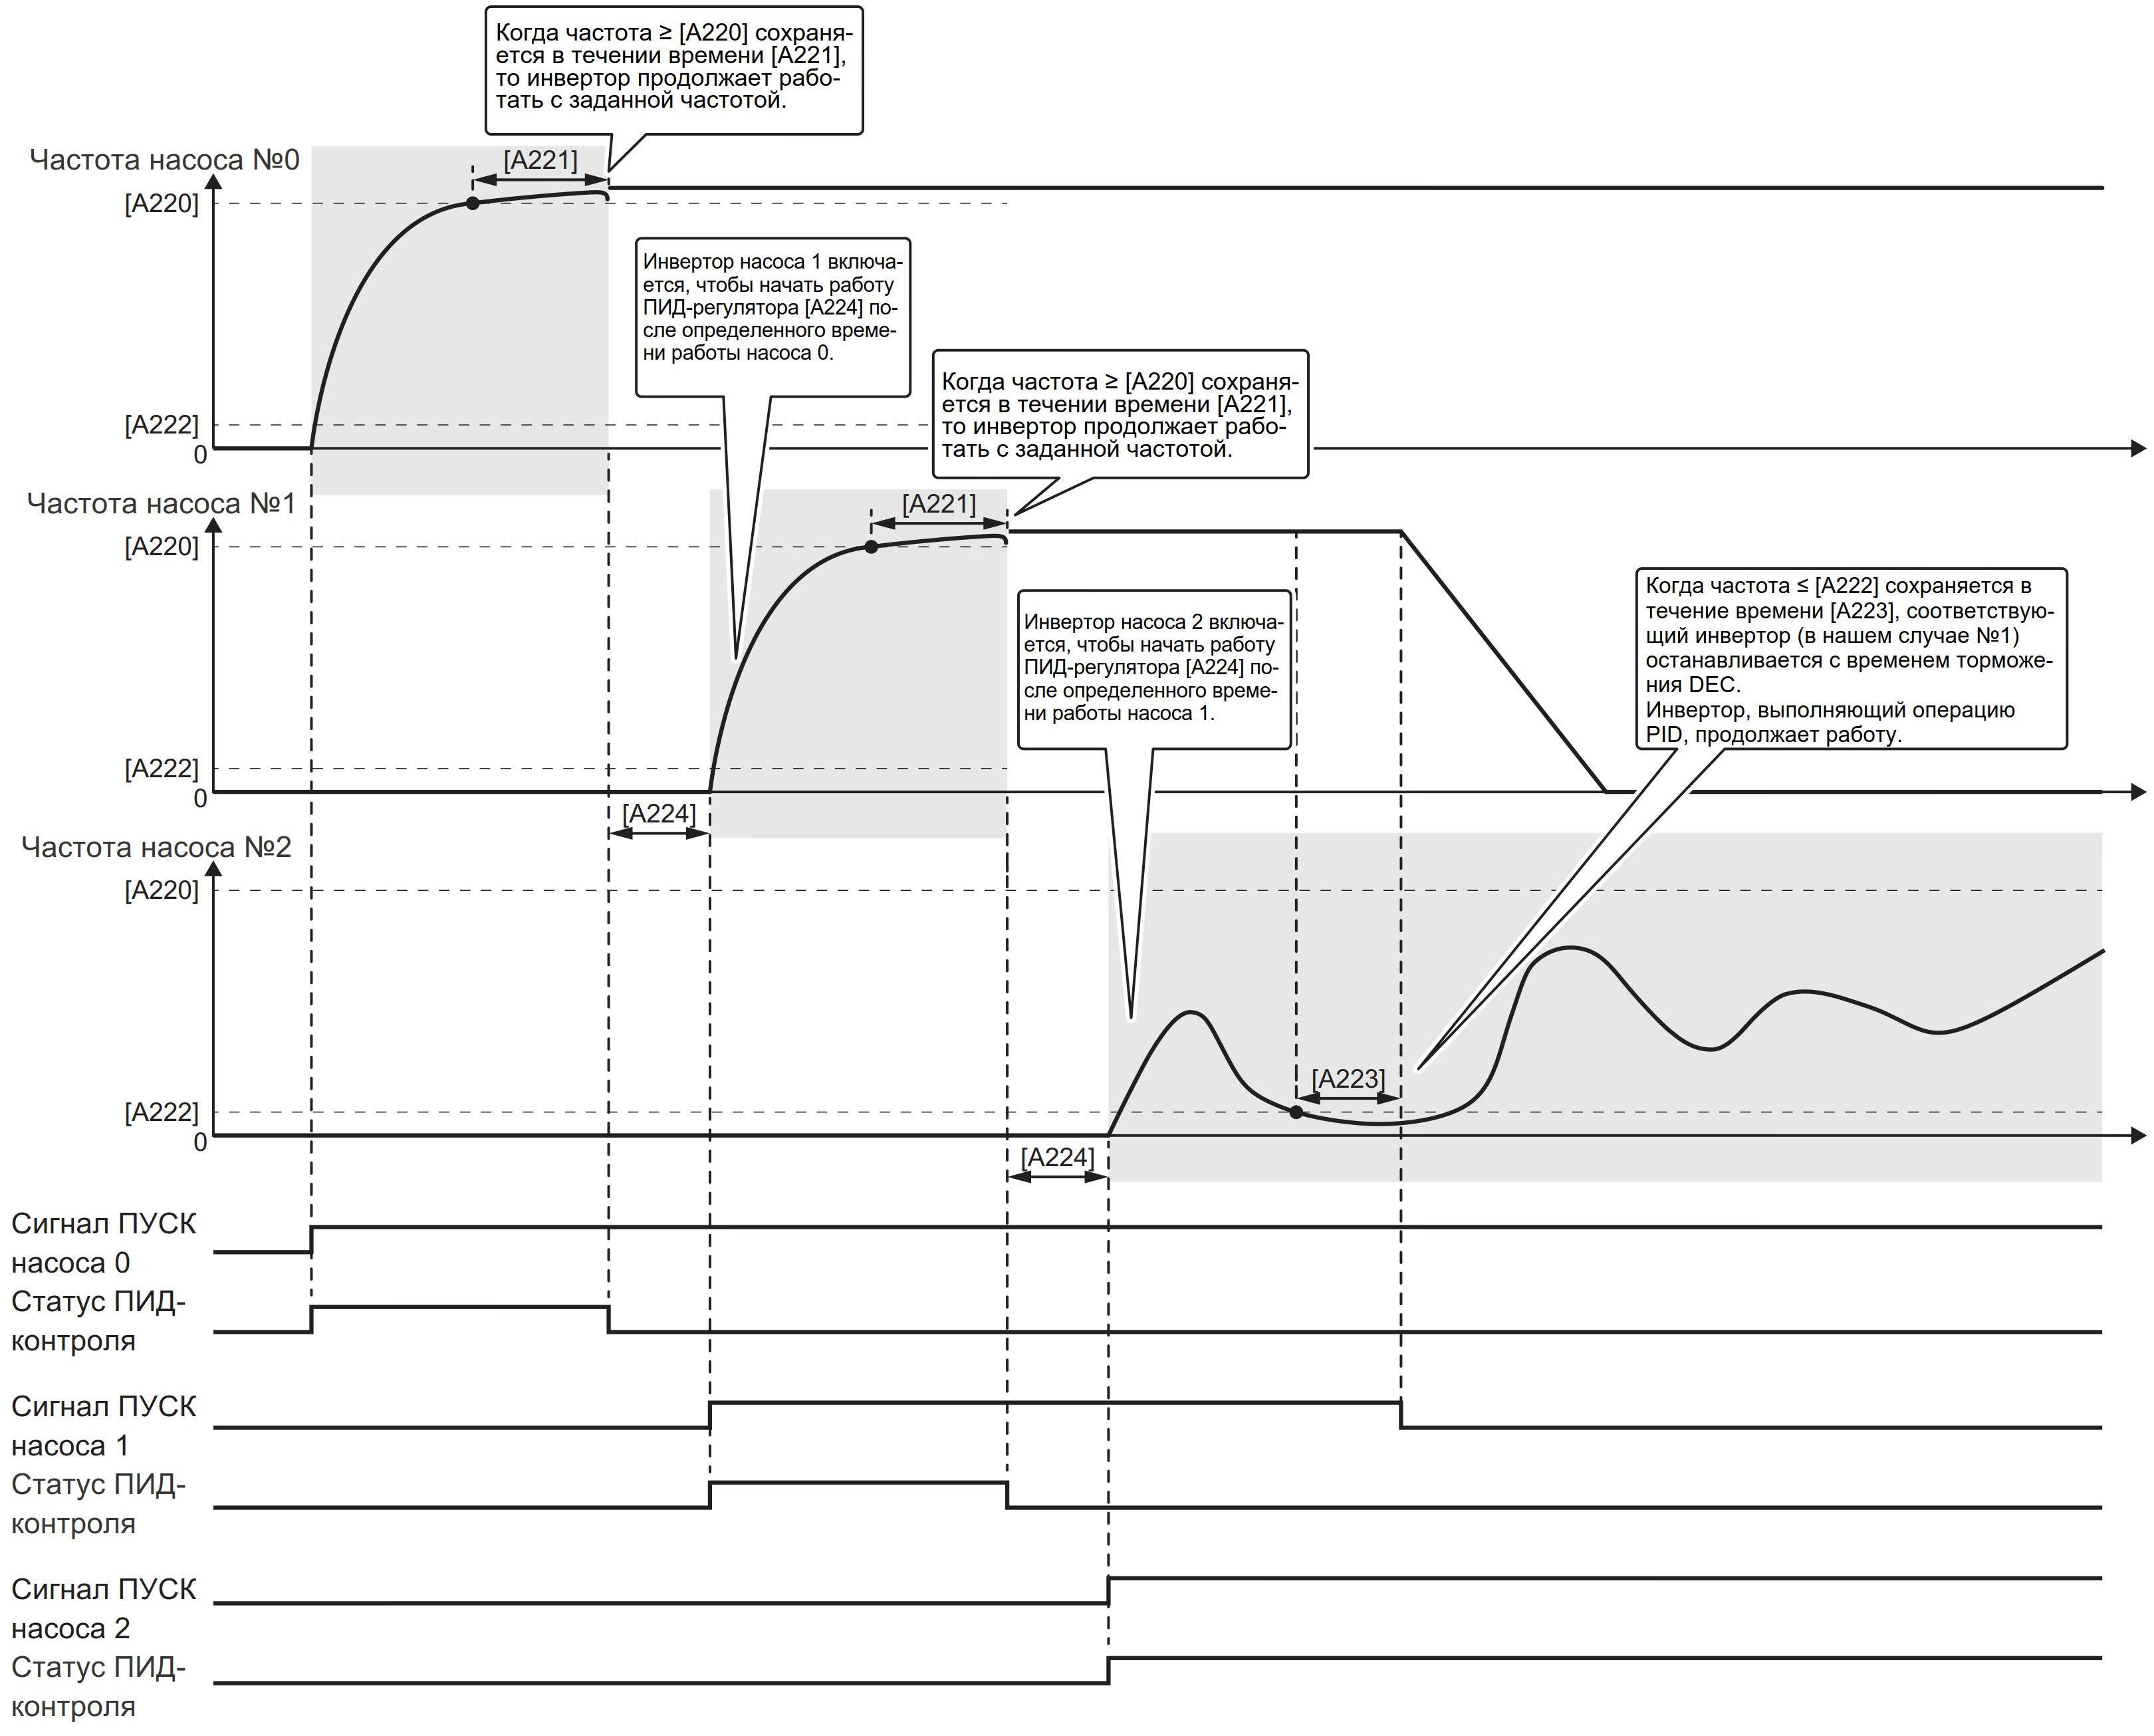 Диаграмма каскадного подключения/отключения насосов с регулированием каждого насоса с помощью индивидуальных инверторов, объединенных сетью.